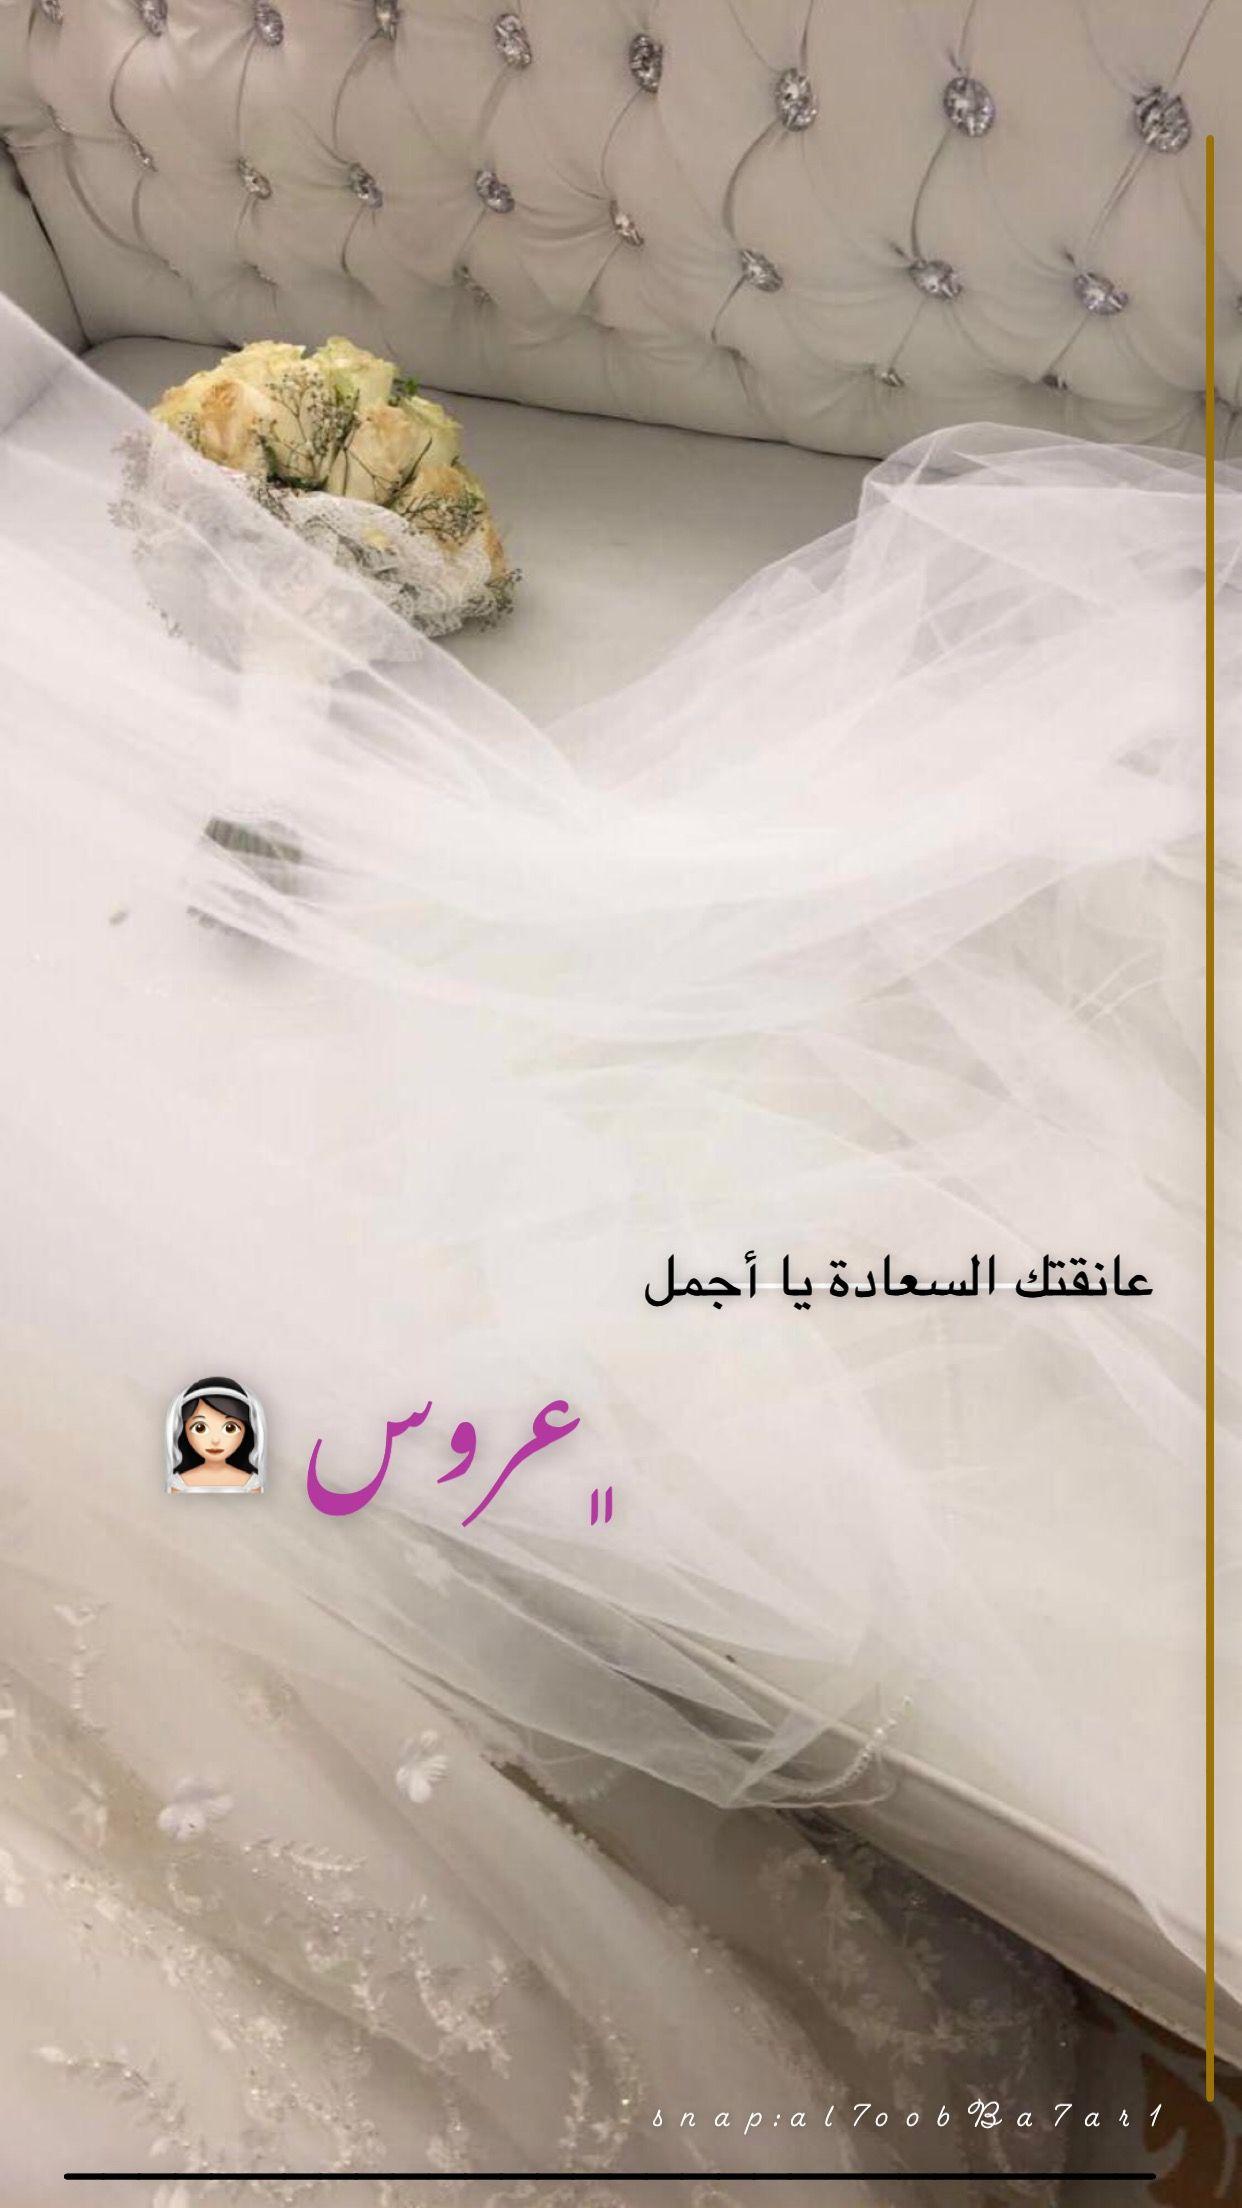 همسة عانقتك السعادة يا أجمل عروس تصويري تصويري سناب تصميمي تصميم عروس طرحة كوشه الخبر Arab Wedding Wedding Snapchat Love Quotes Wallpaper